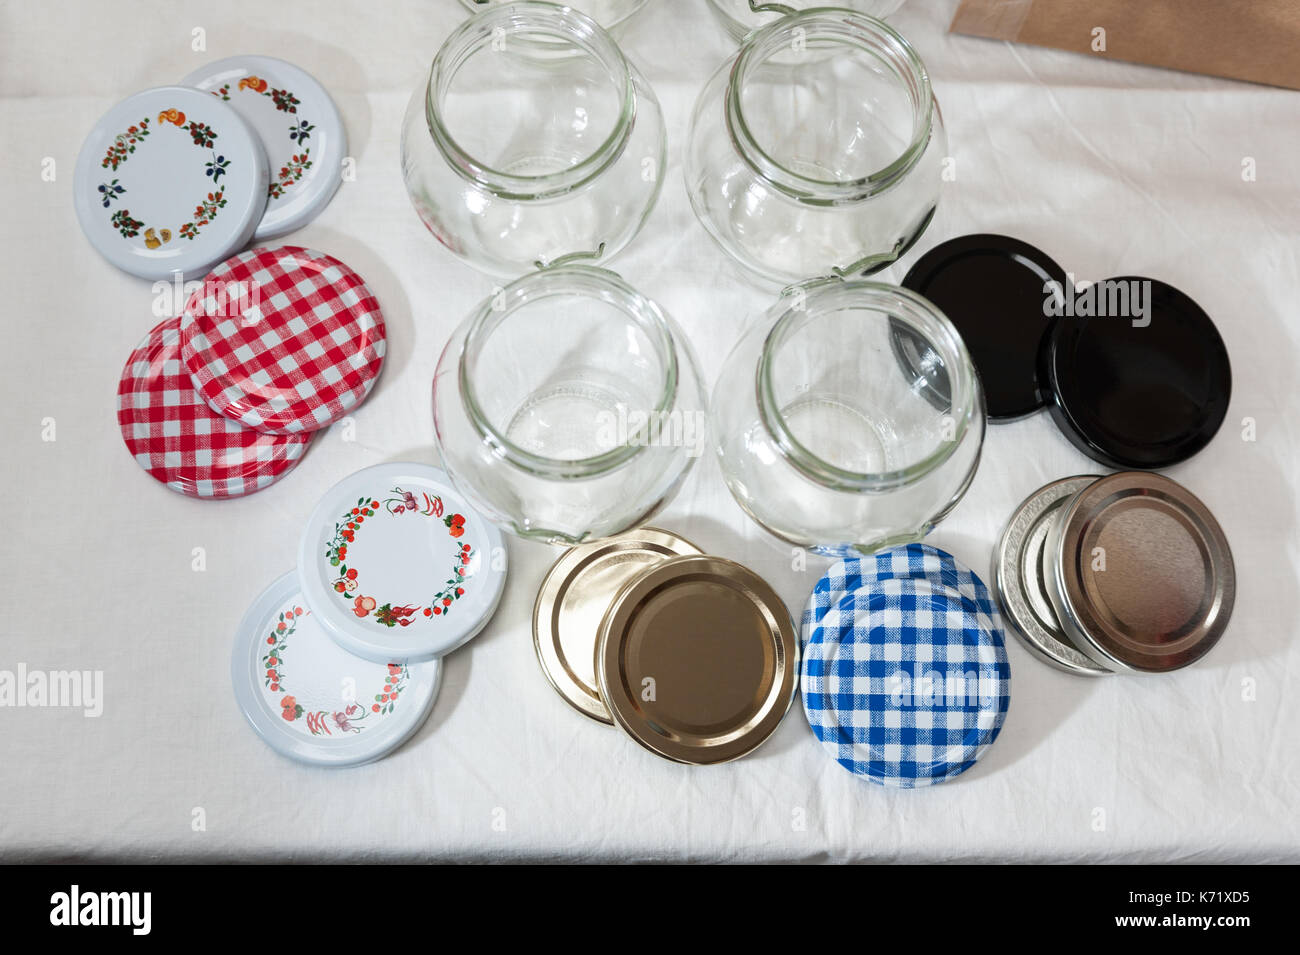 Lids stockfotos lids bilder alamy - Marmelade einkochen glaser ...